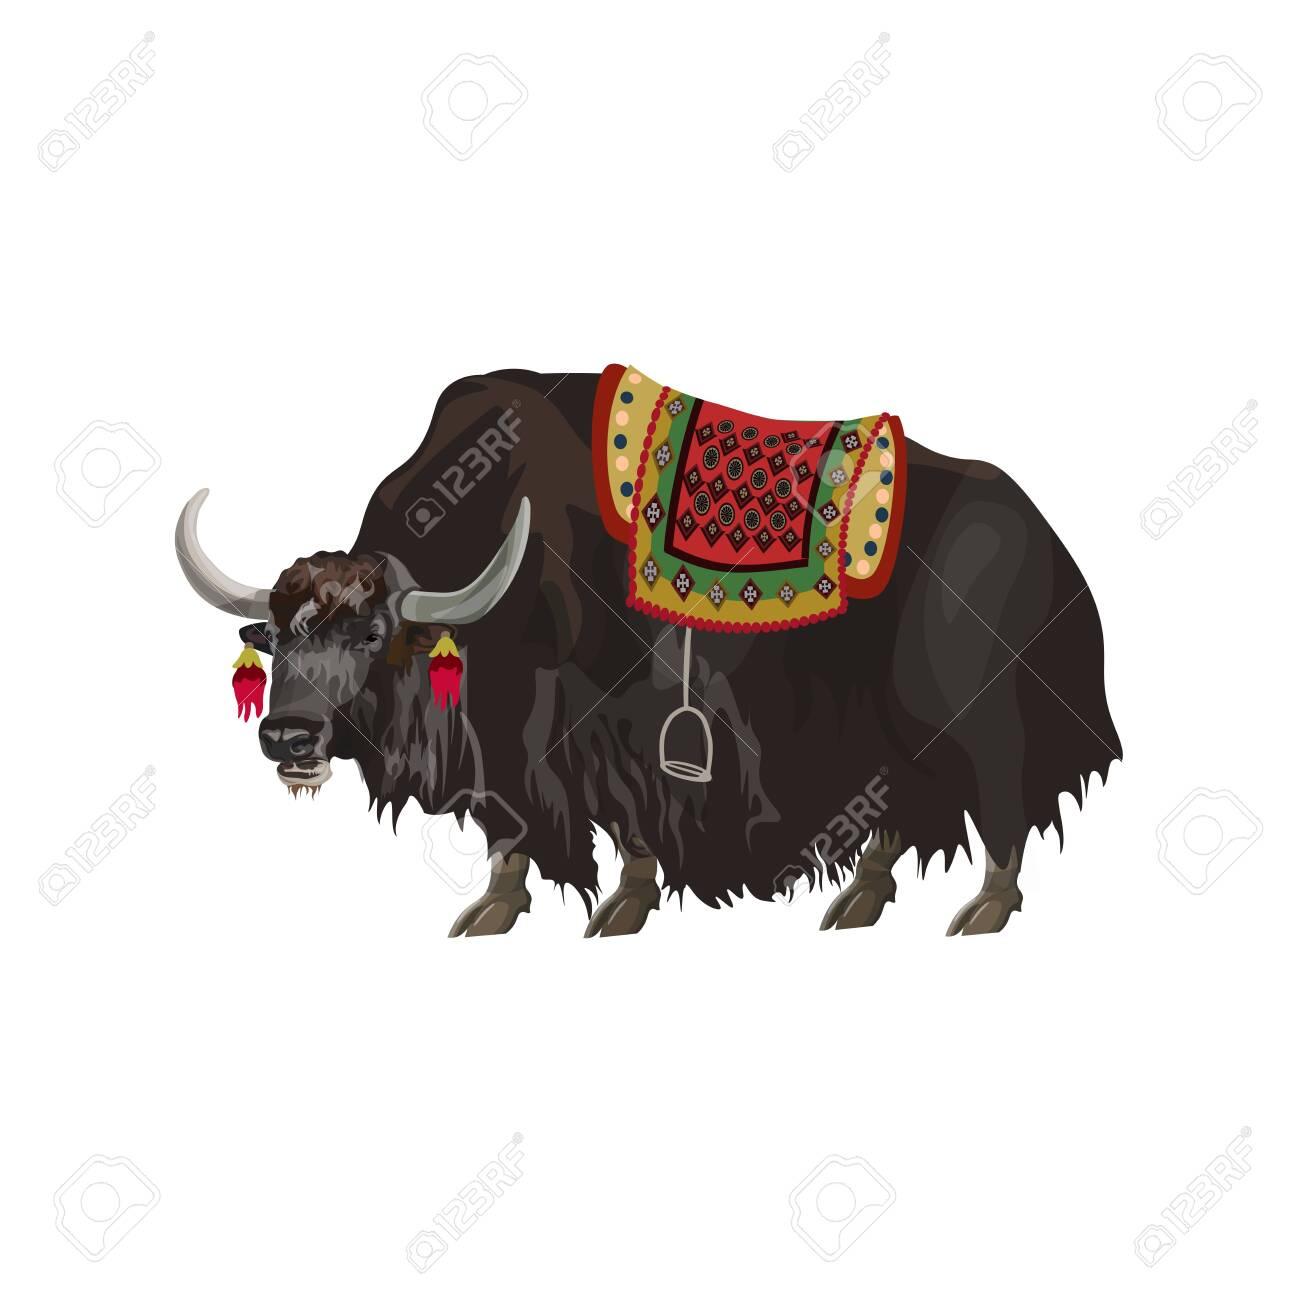 Yak animal with saddle. Vector illustration isolated on white background - 126339241